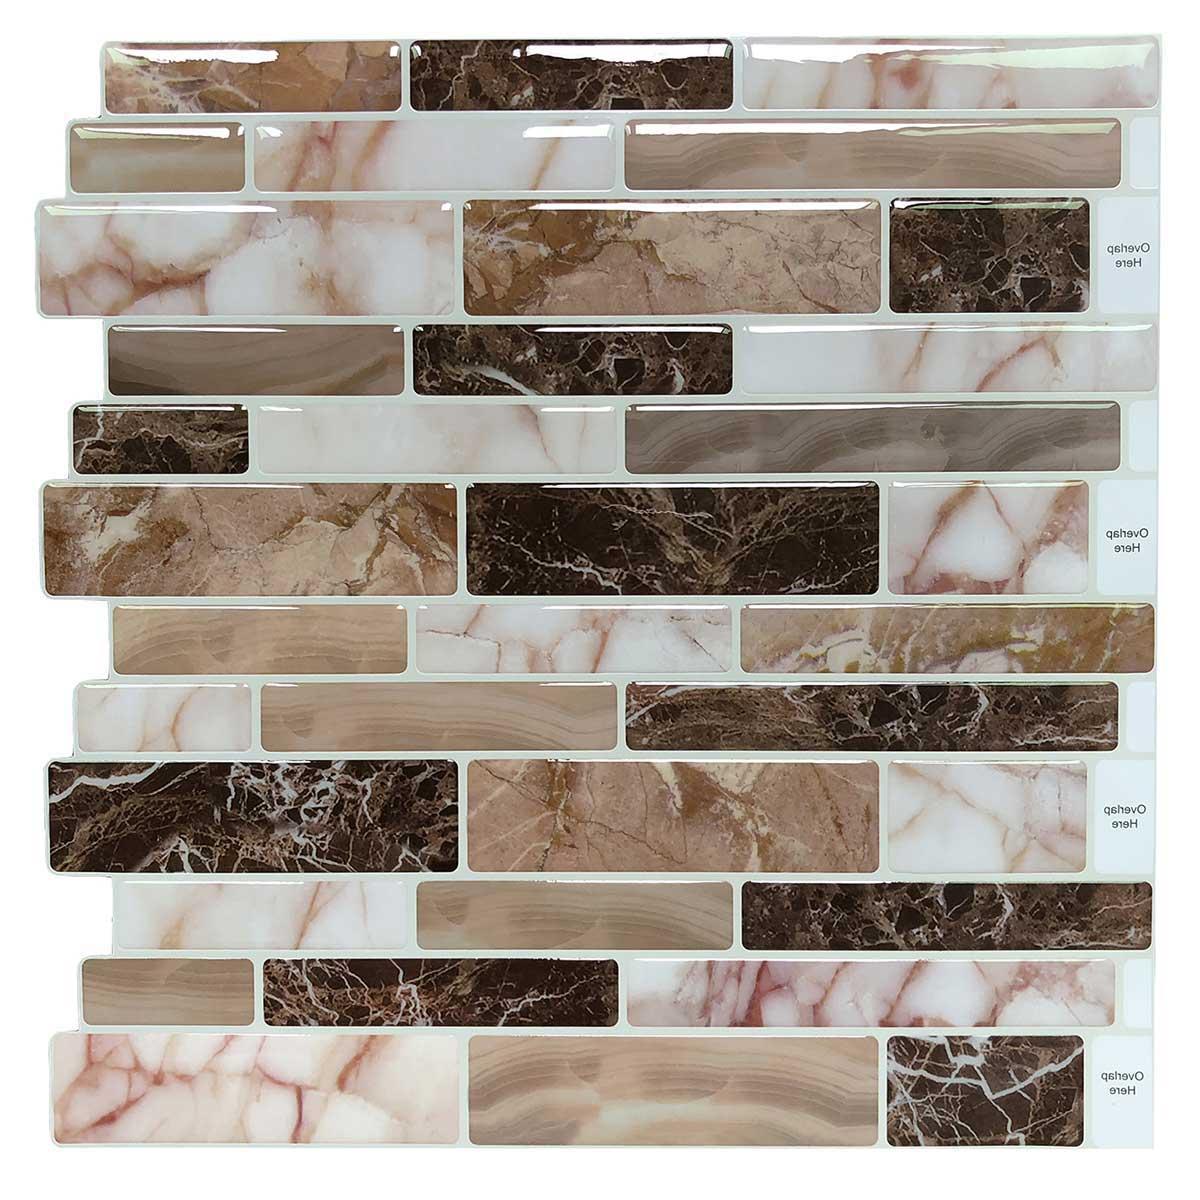 Art3d 10-Sheet Peel and Stick Tile Backsplash for Kitchen in Marble Design Tile